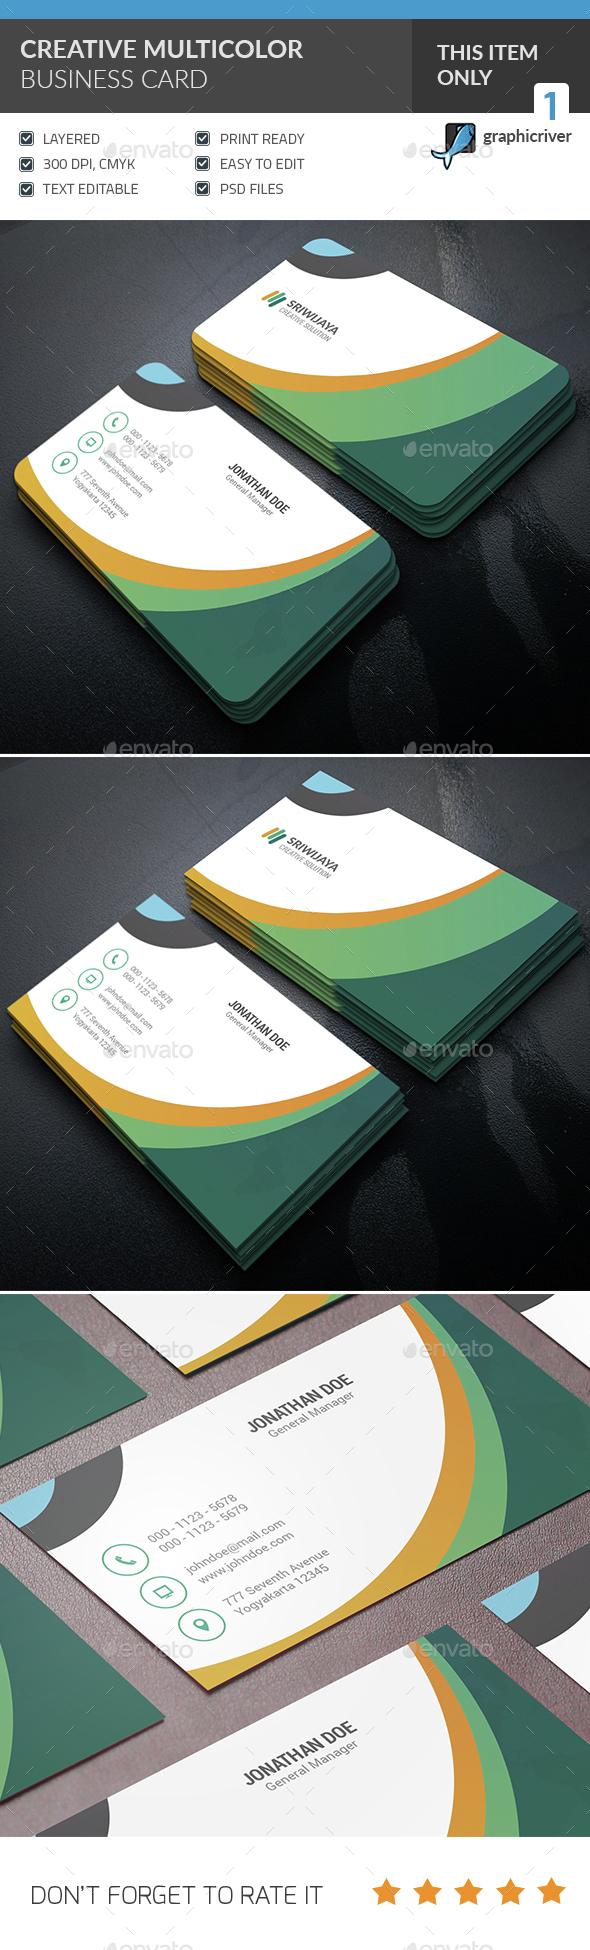 Creative Multicolor Business Card - Corporate Business Cards